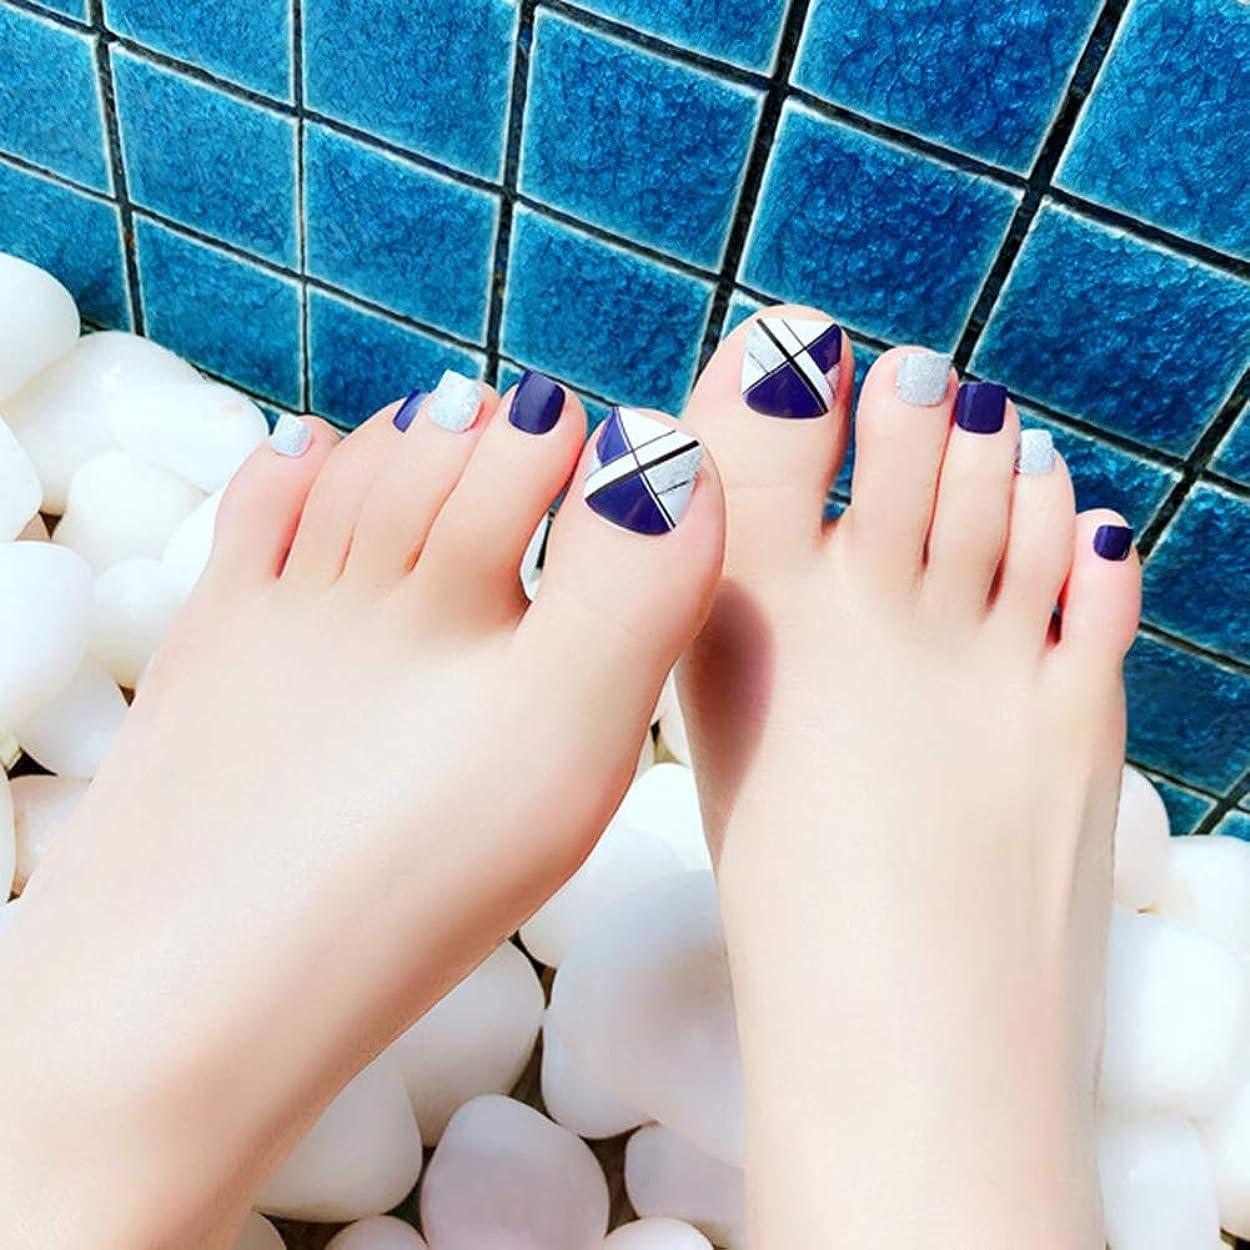 呼び出すかごグレーHuangHM 小さいな足の小指にも最適 つけ爪 付け爪 ジェルネイル ネイルアートフットタイプネイルチップ 24枚入り12サイズ各2枚 足用フットチップ ペディキュア フットネイルチップ